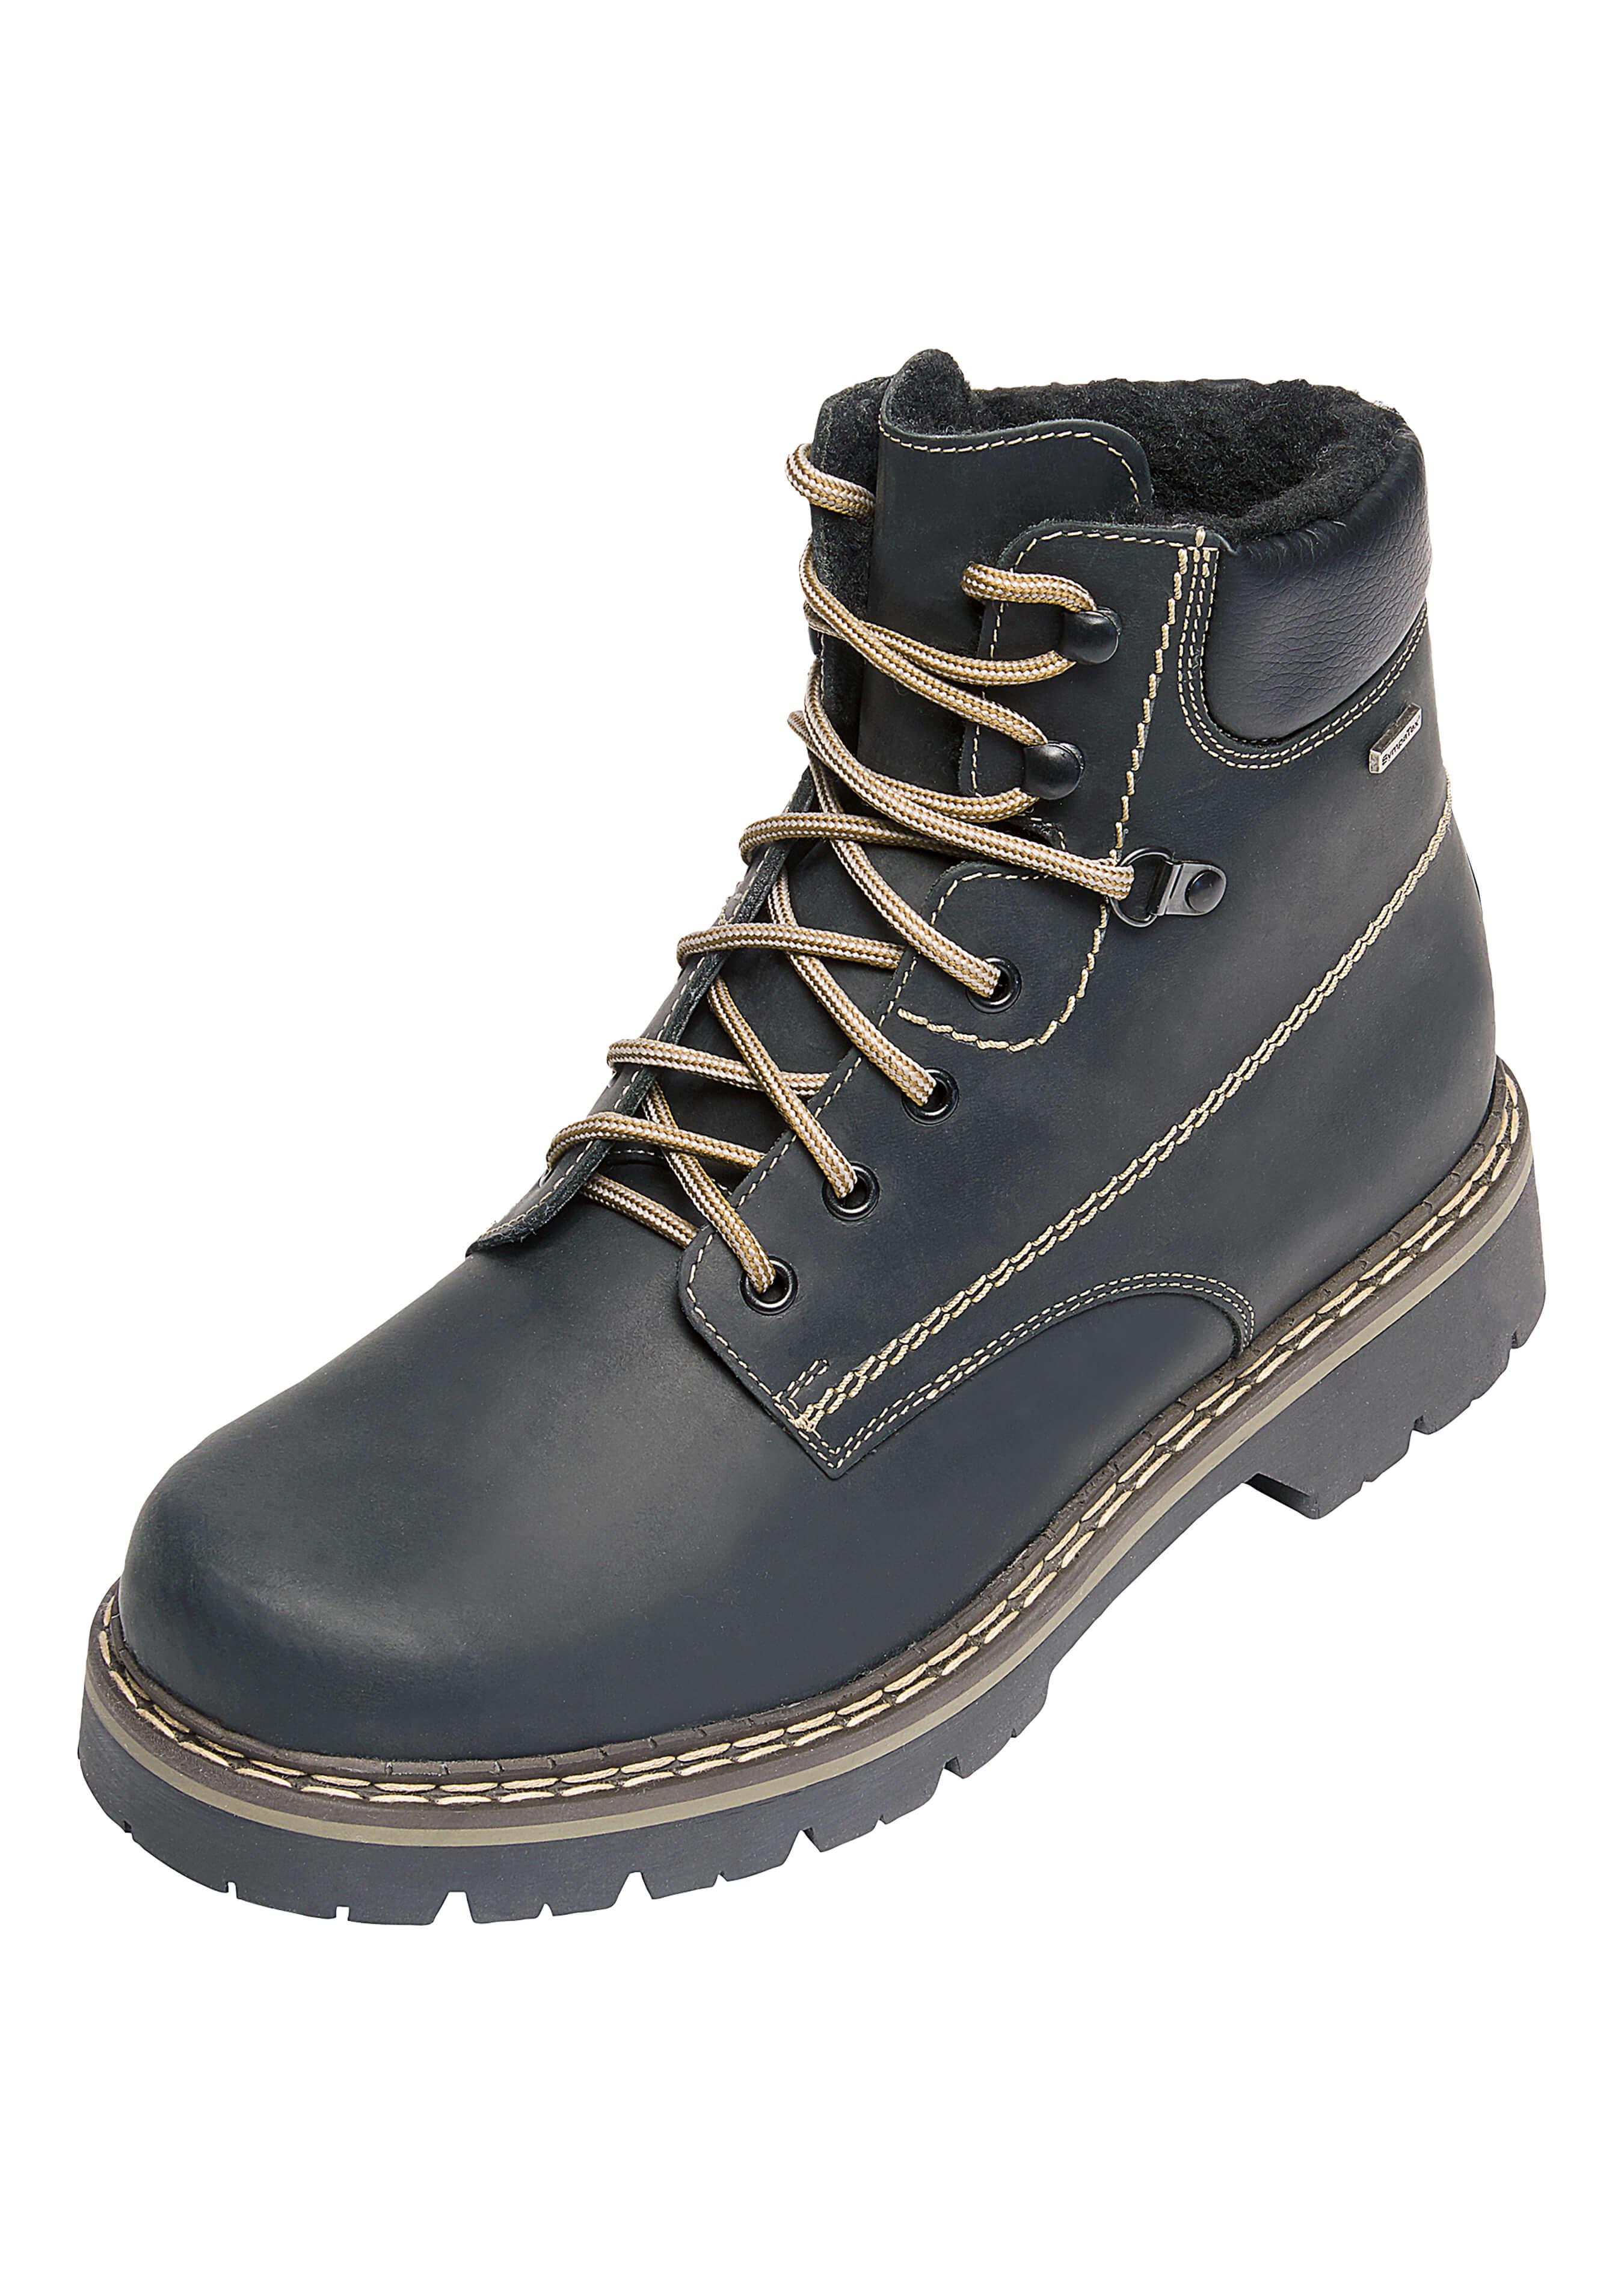 Botte hommes d'hiver polyvalente en cuir 40541039 1